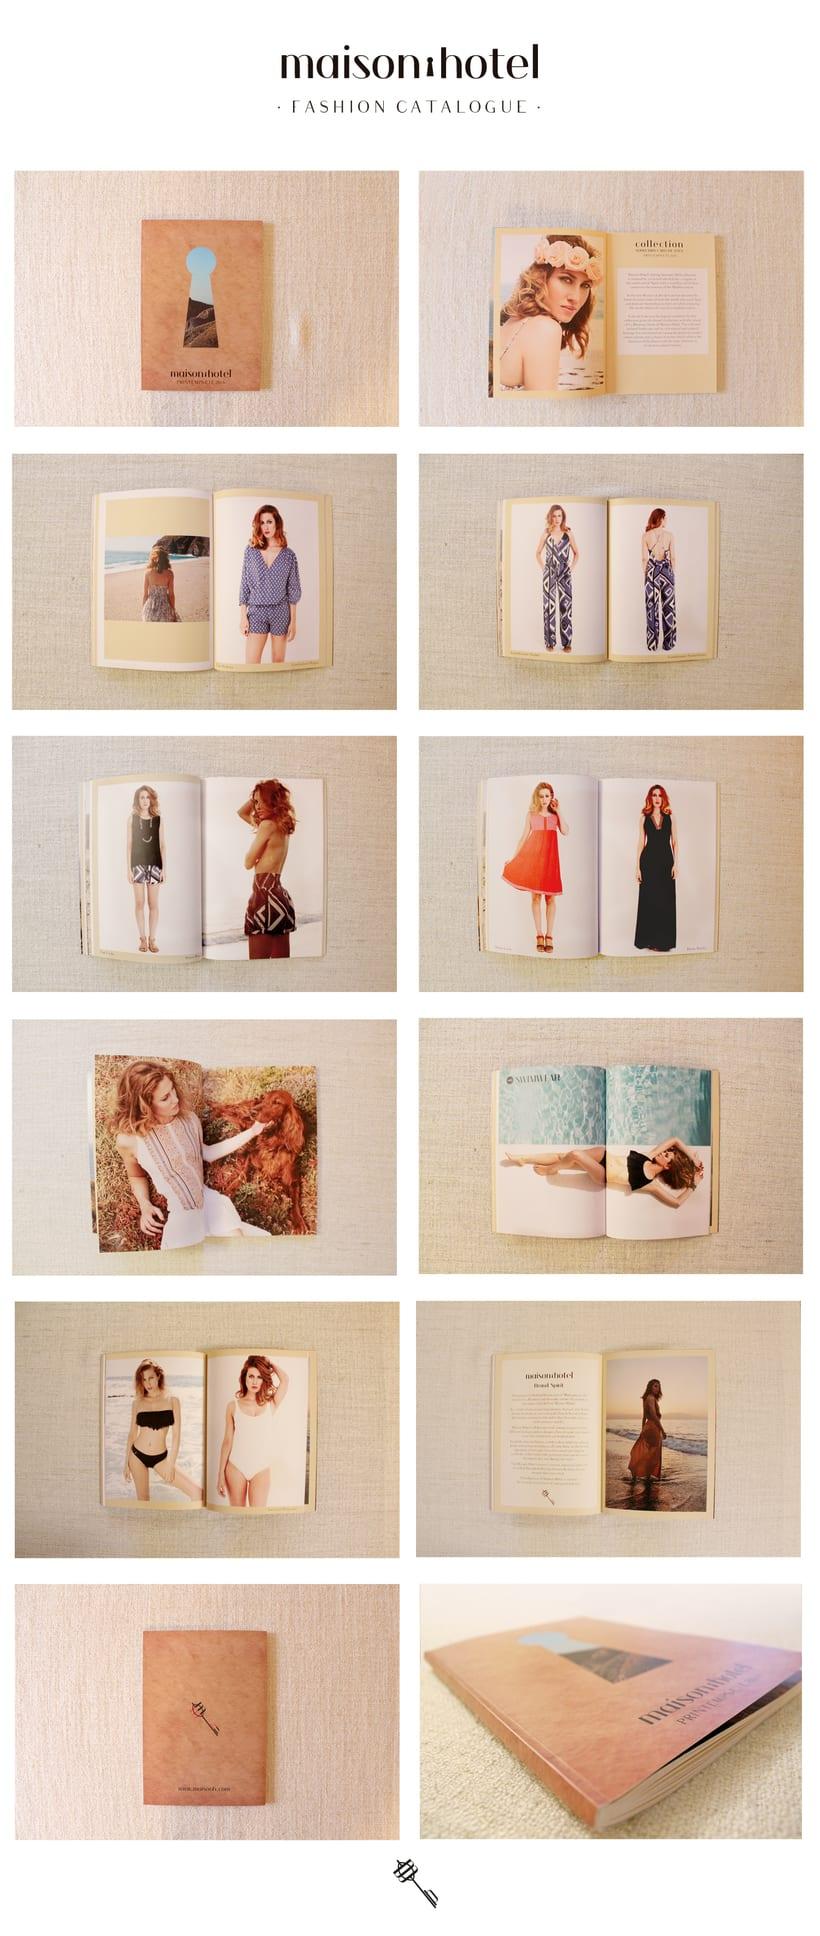 Branding de moda completo para maison hôtel (www.maisonh.com) 6